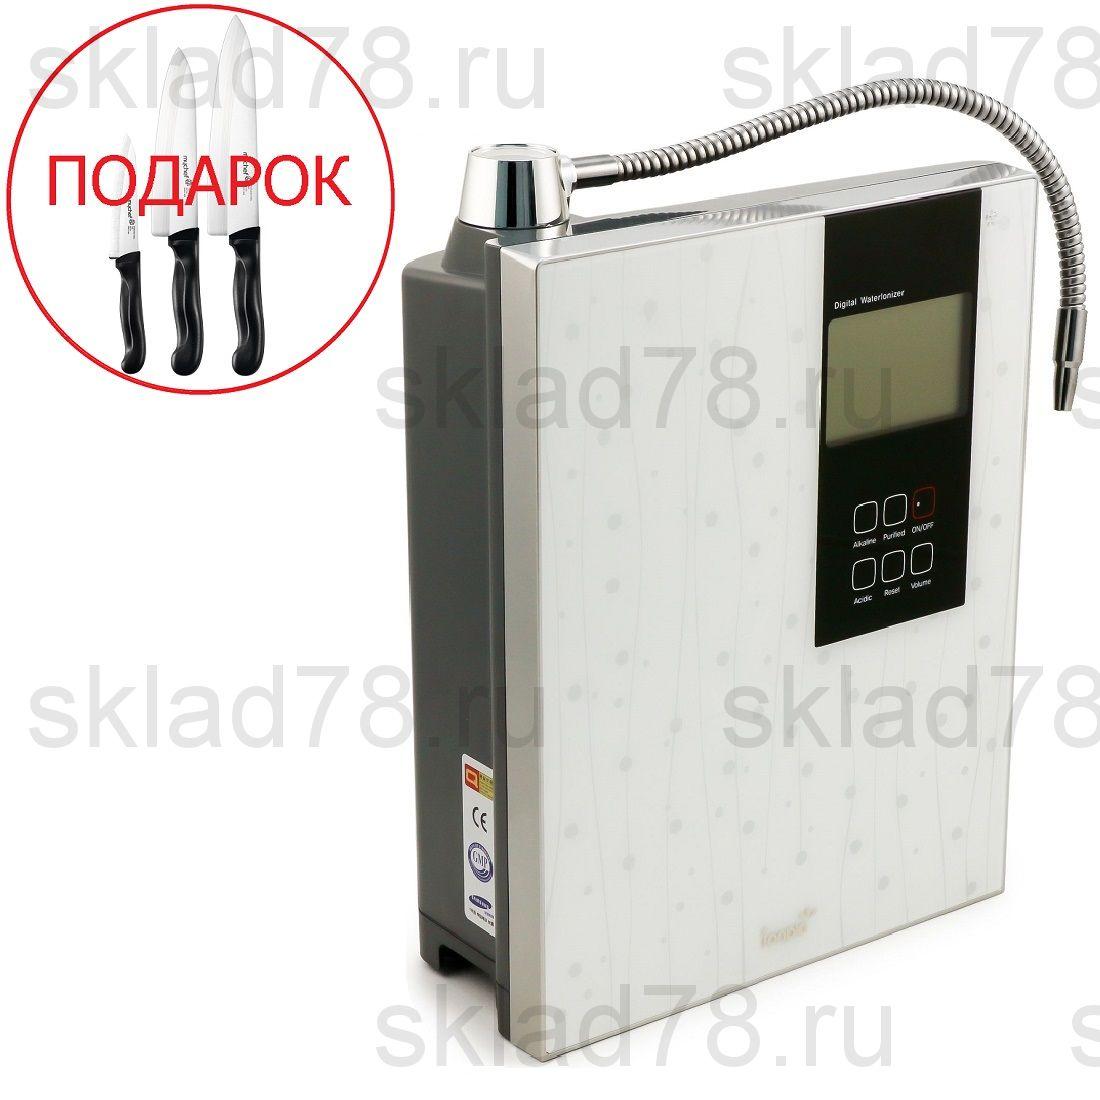 Ионизатор воды ION-7600 White (9 титано-платиновых пластин)